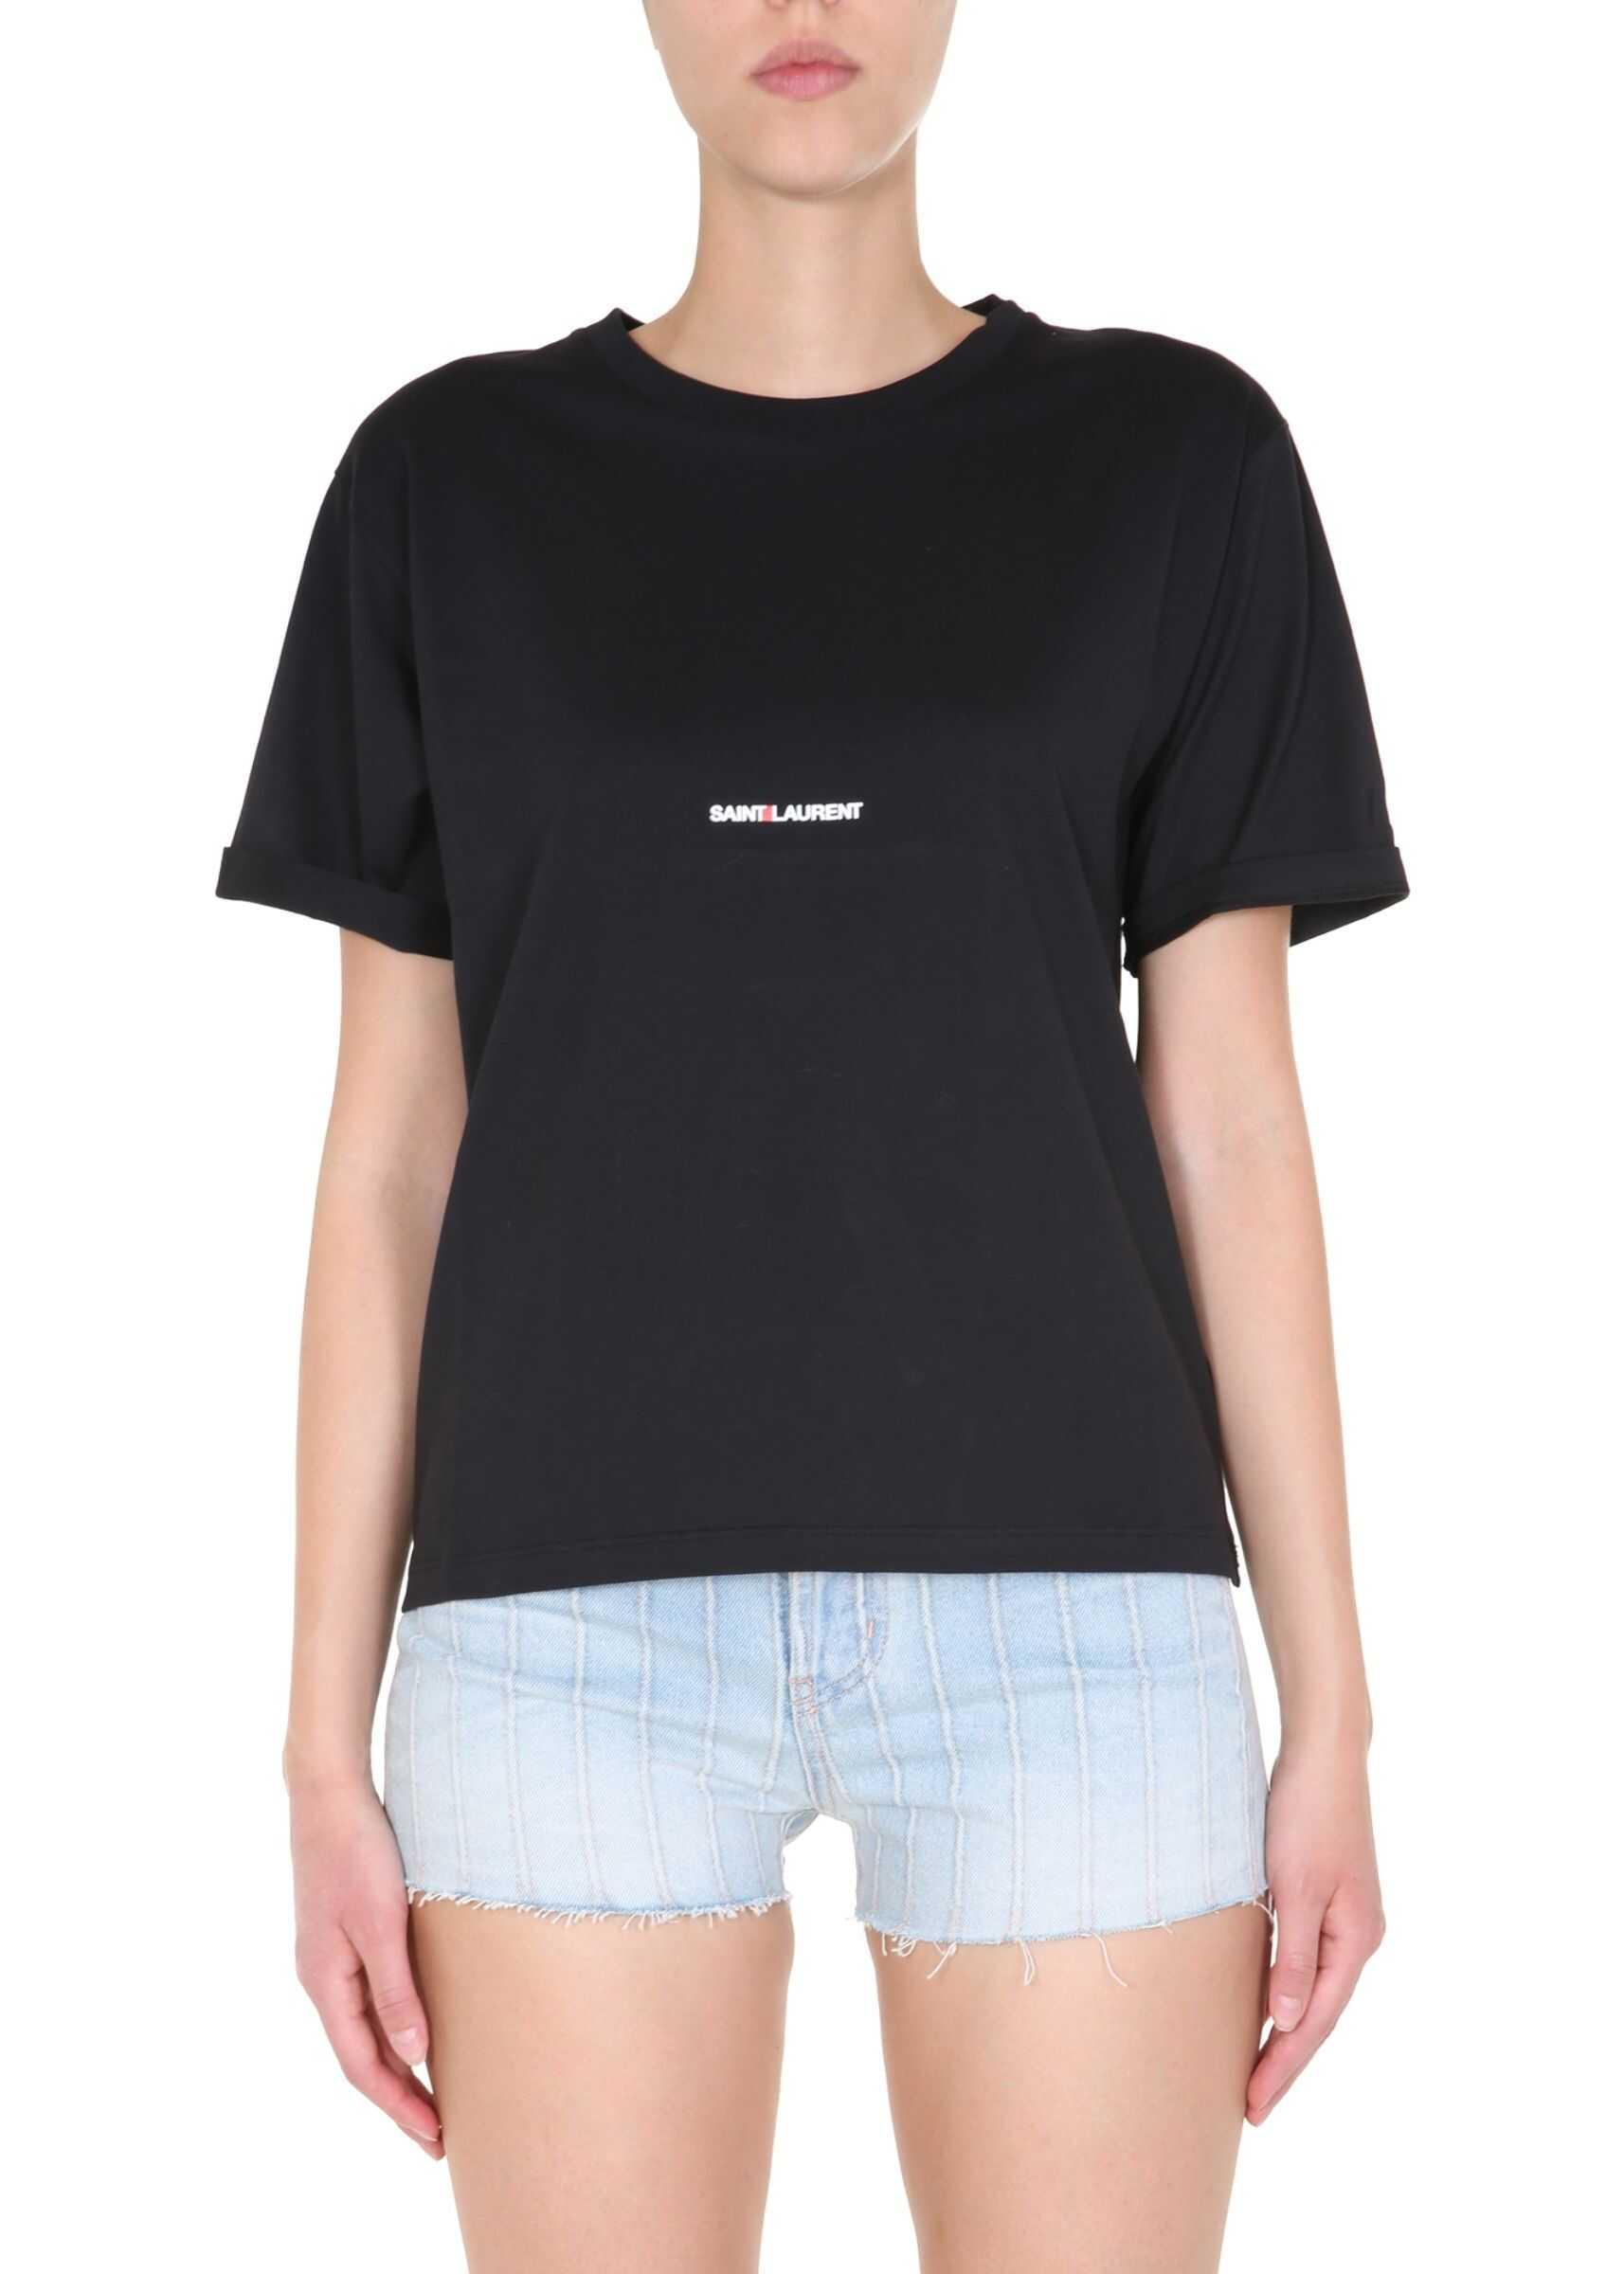 Saint Laurent Round Neck T-Shirt BLACK